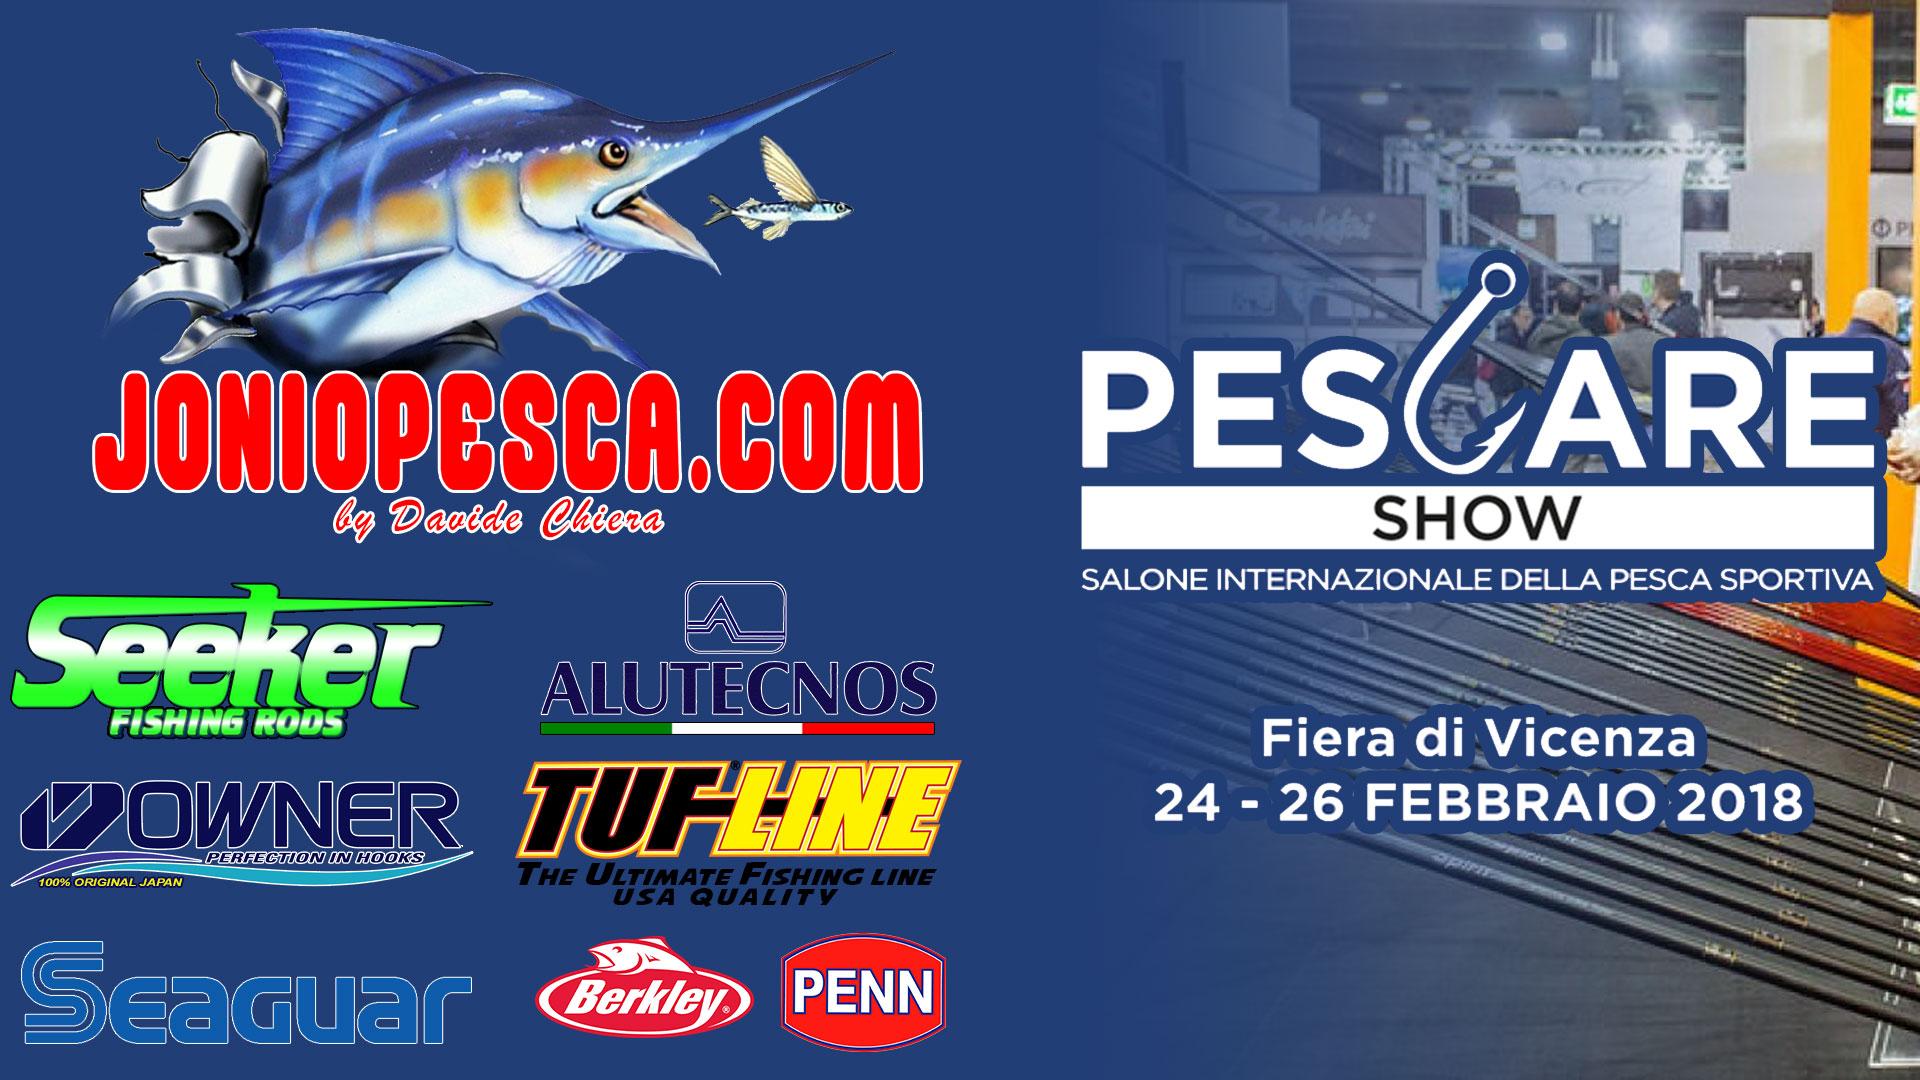 Fiera Vicenza PESCARE SHOW 2018